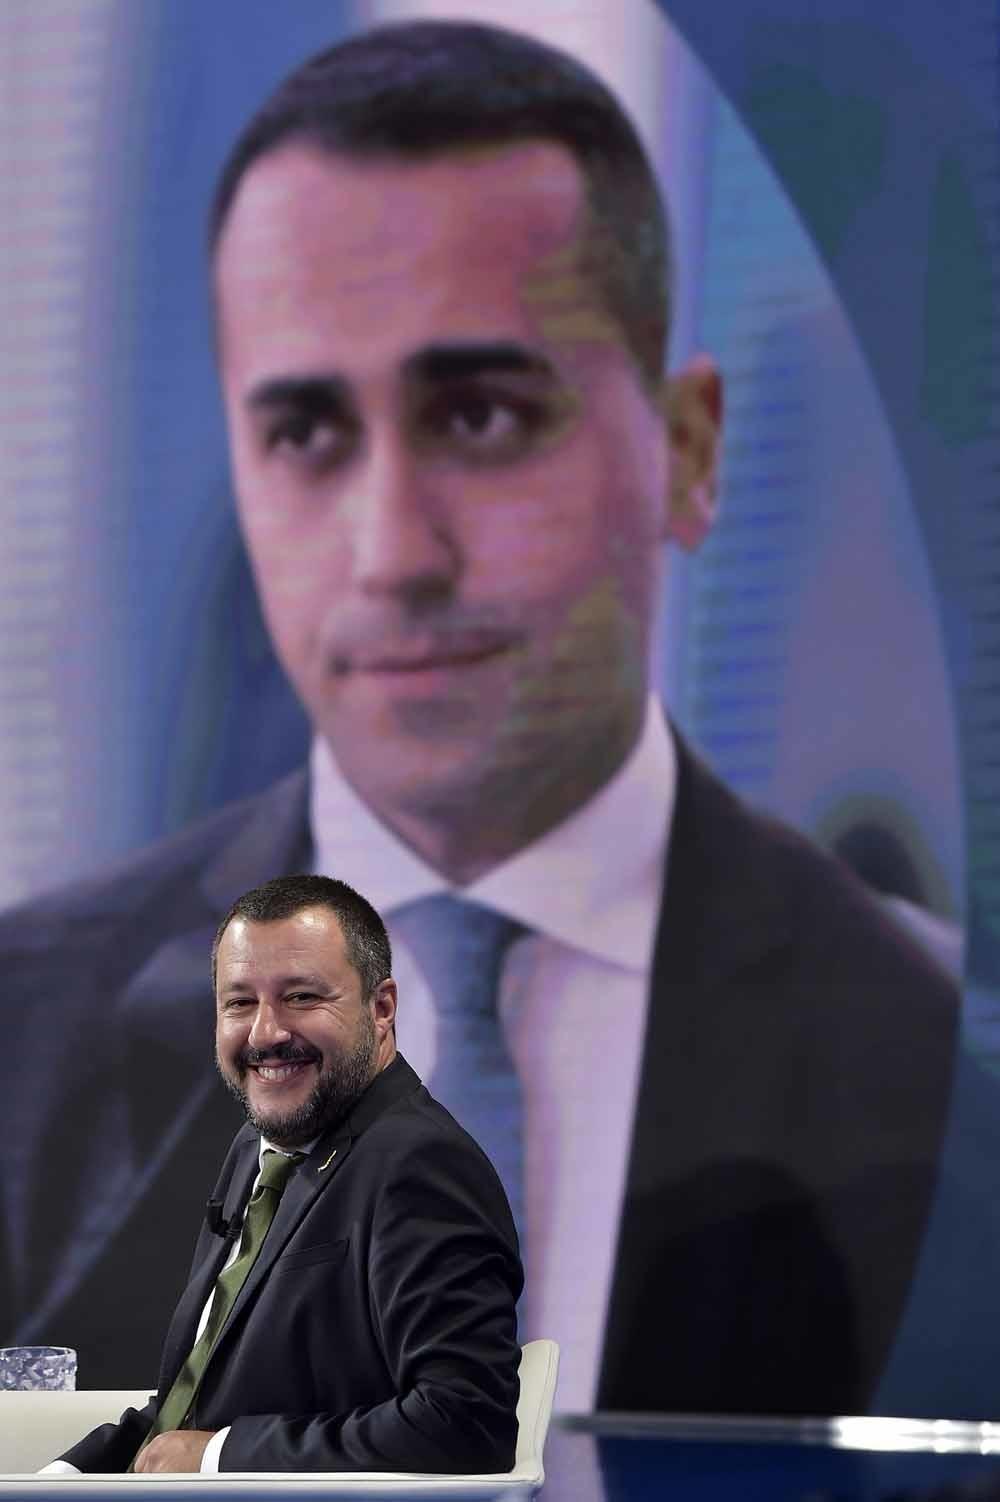 Matteo Salvini is te gast in tv-show Porta a Porta, met Luigi Di Maio groot op het scherm achter hem. – © HH